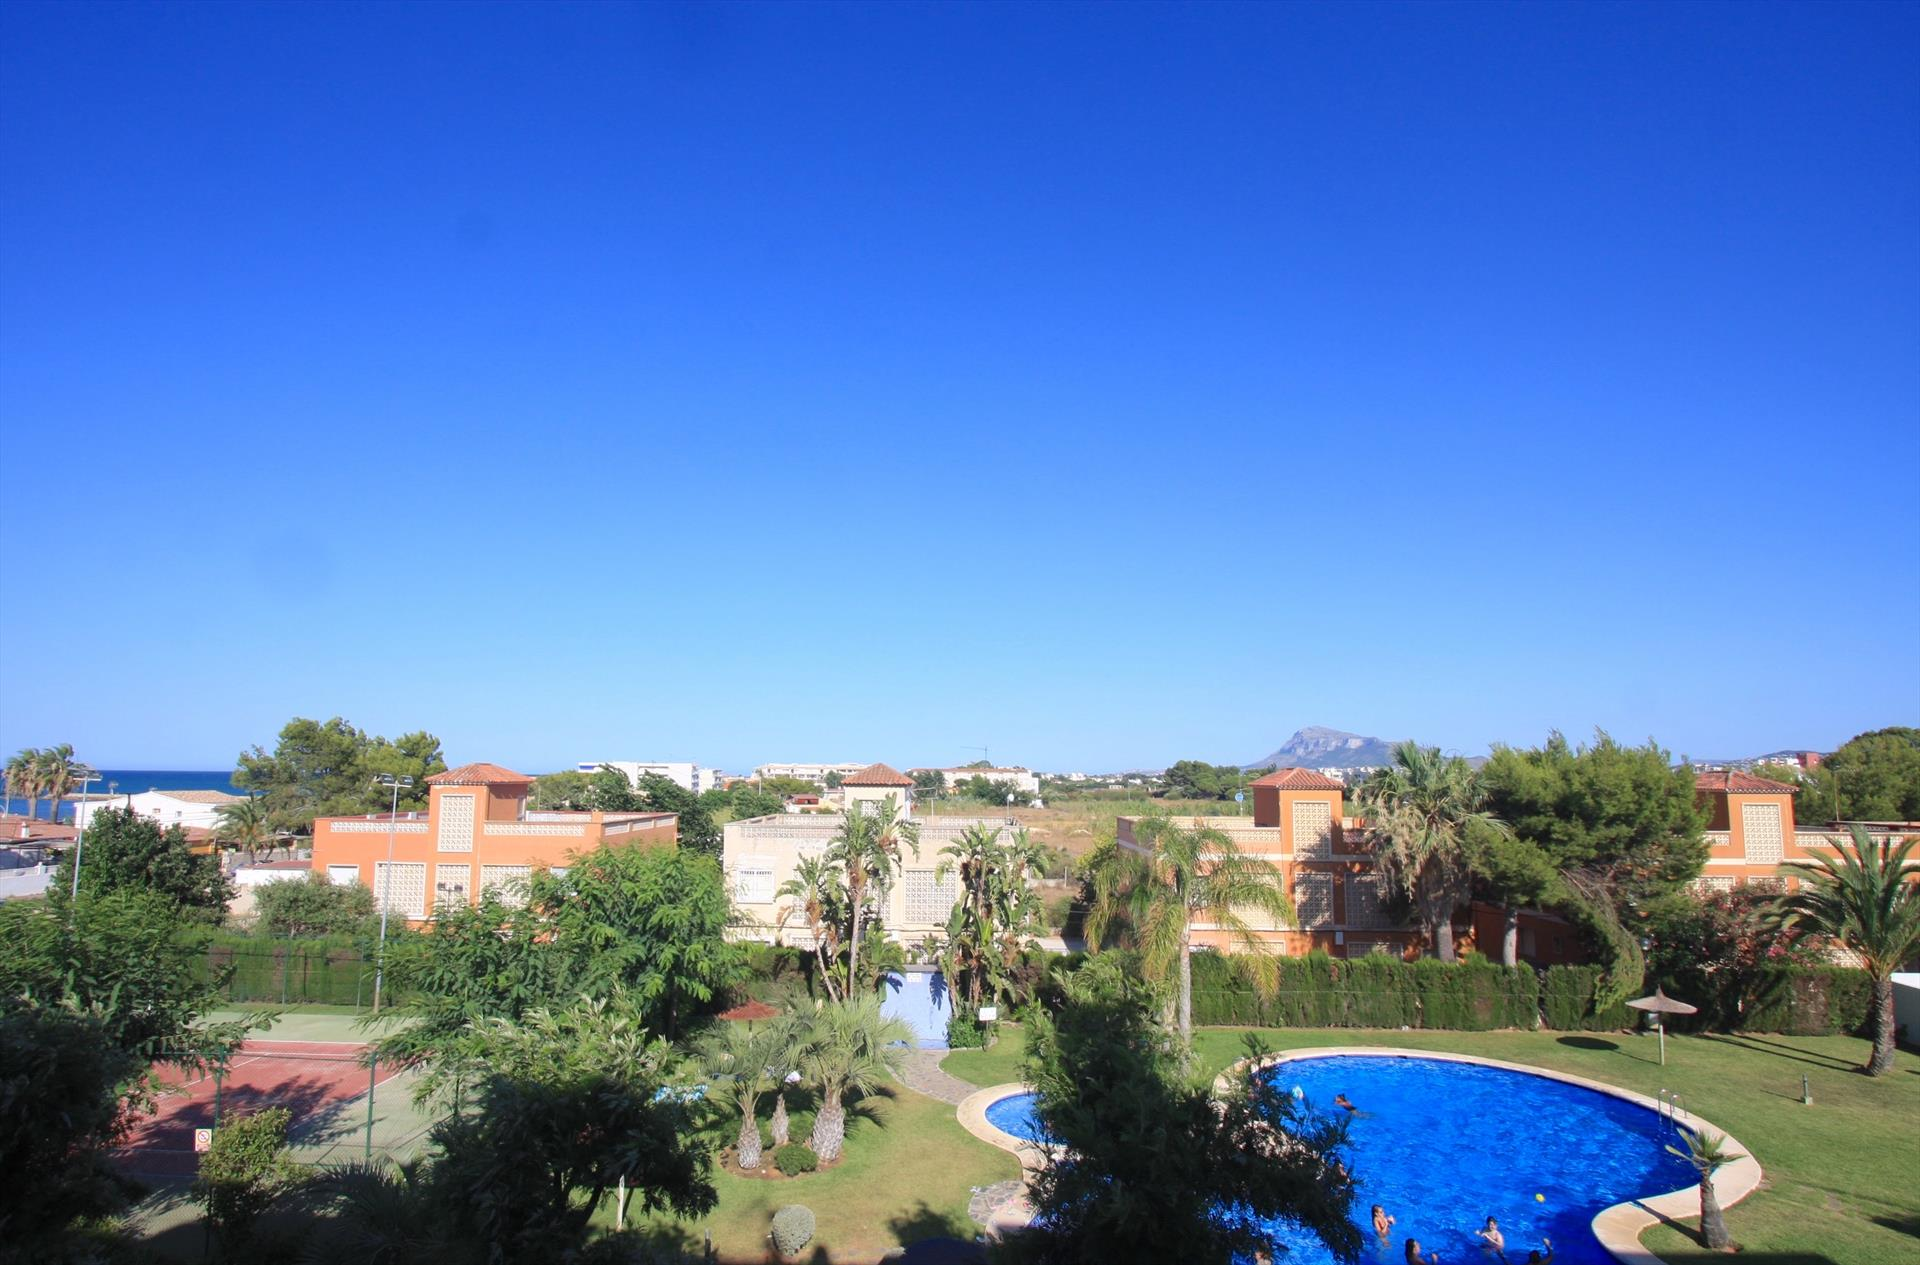 Eos apartamento,Appartement in Denia, aan de Costa Blanca, Spanje  met gemeenschappelijk zwembad voor 4 personen...